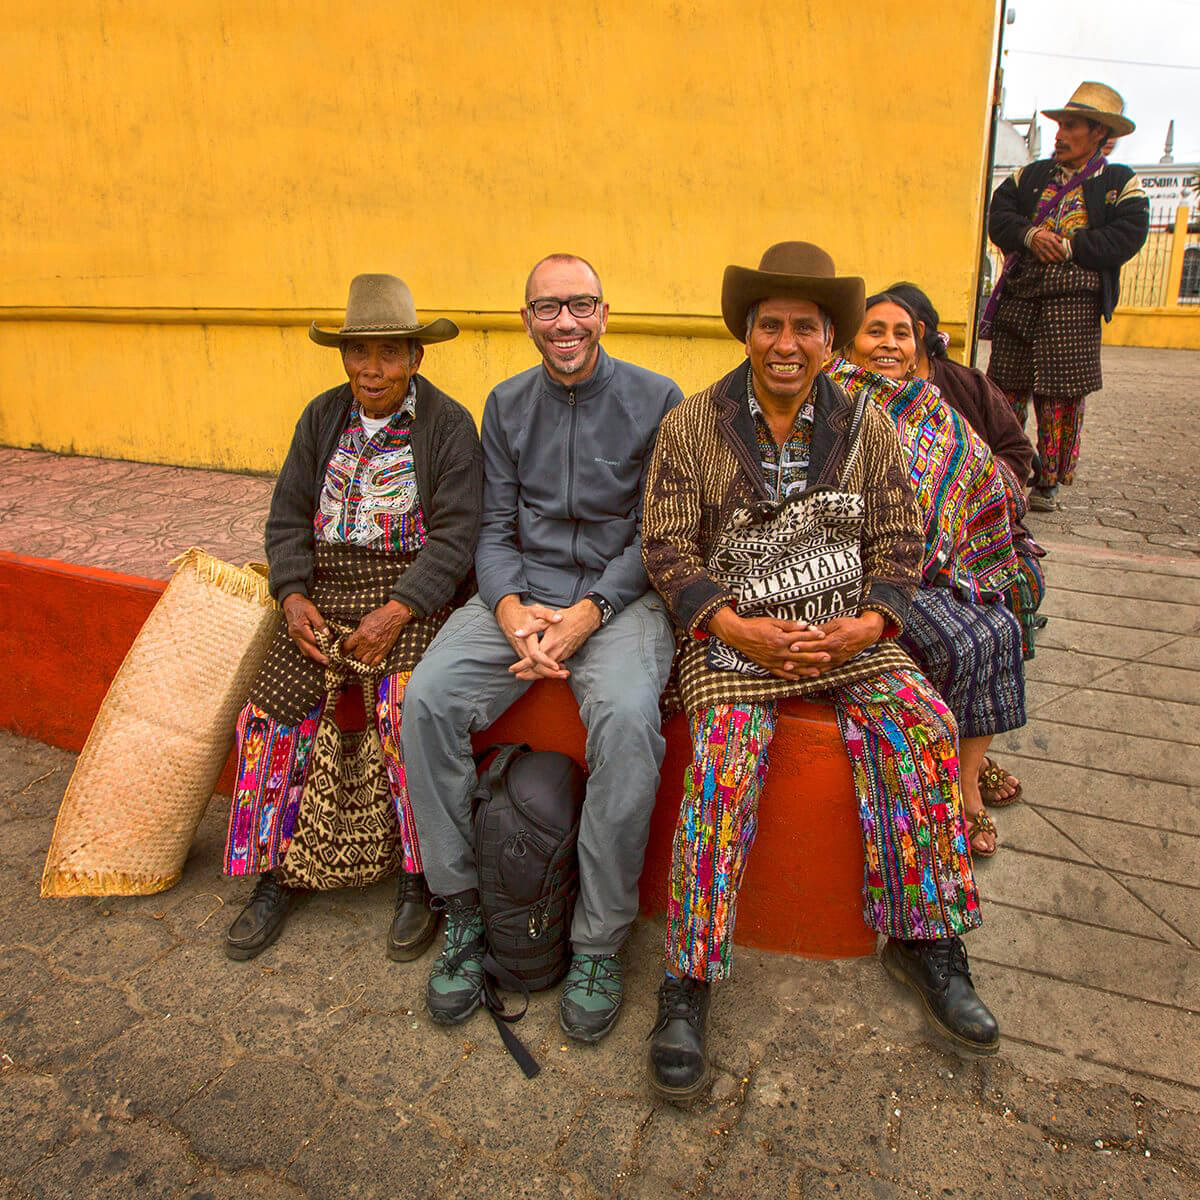 С местными жителями - представителями малочисленного народа кекчикель. Гватемала. © Александр Химушин / The World In Faces